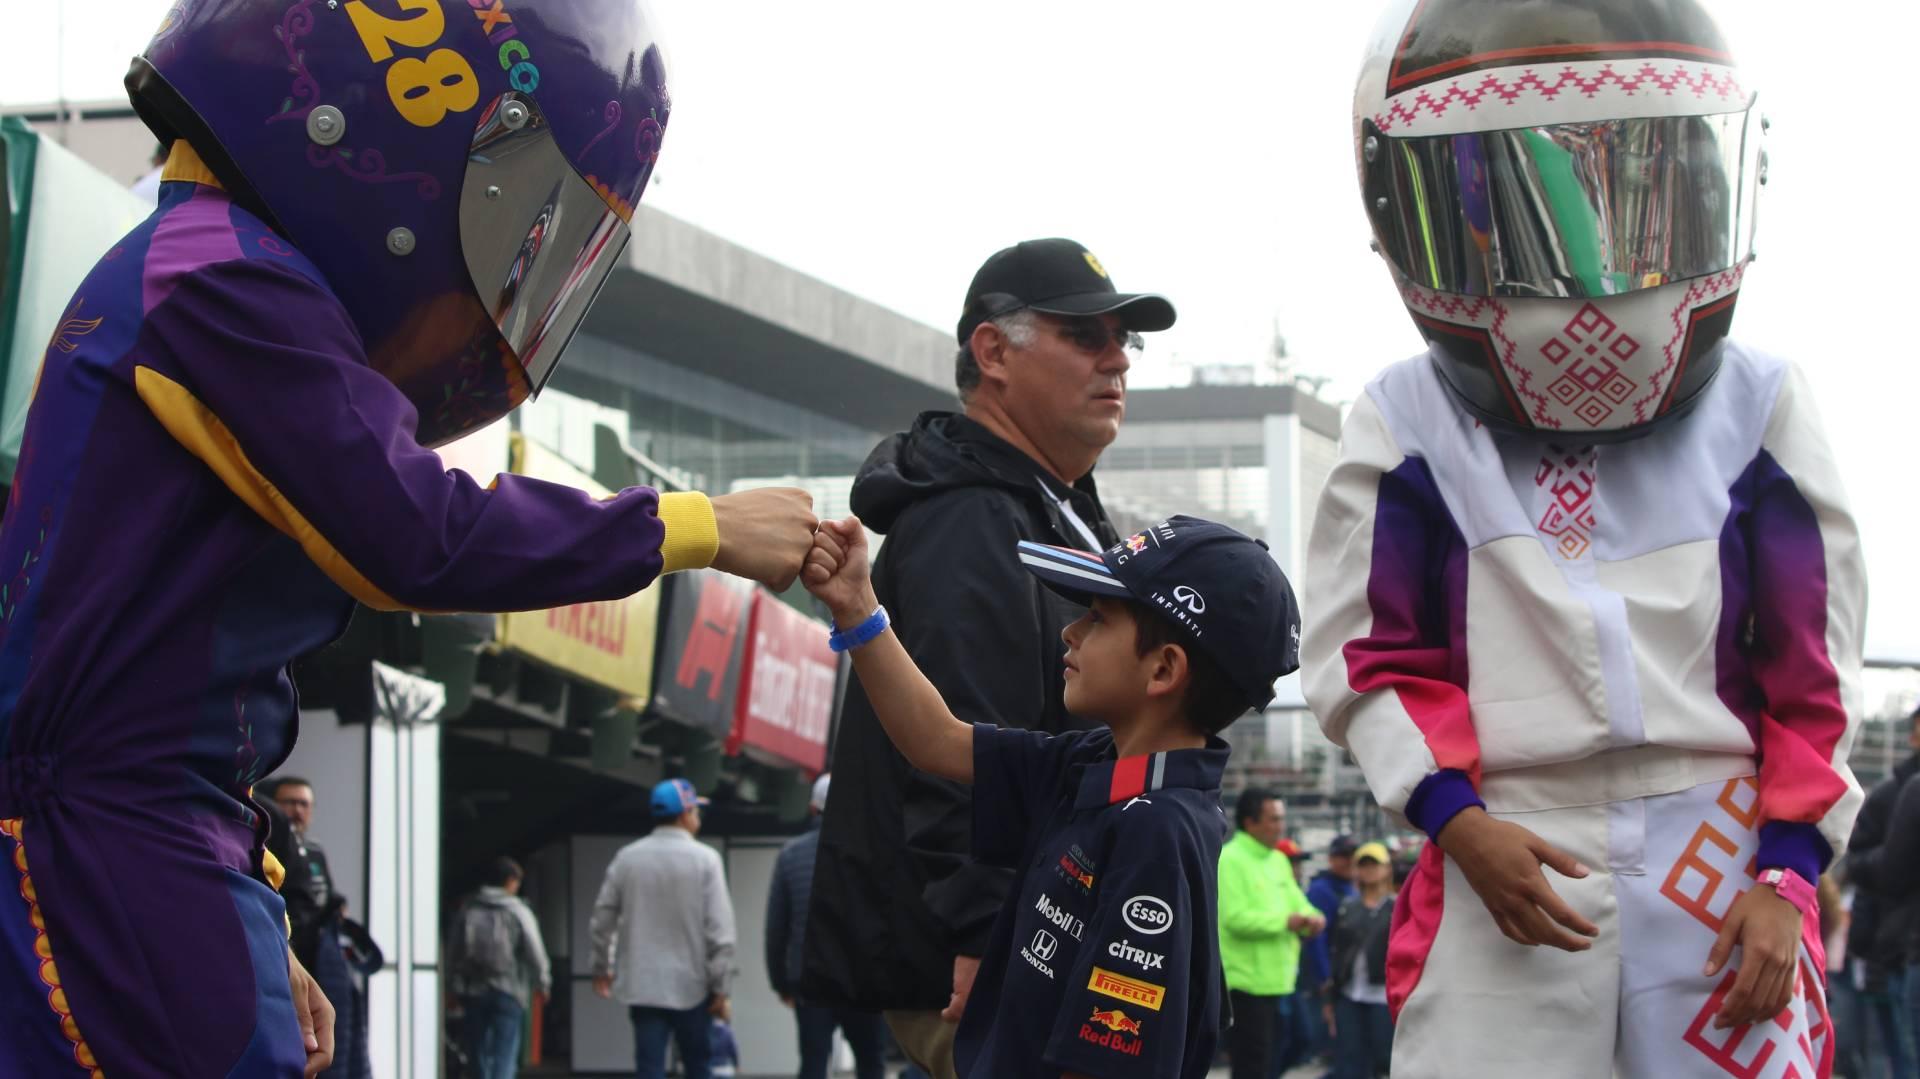 La ceremonia de premiación del Gran Premio de México es única en el calendario de la Fórmula 1 porque se lleva a cabo en el Foro Sol ante más 35 mil personas (Foto: Cuartoscuro)